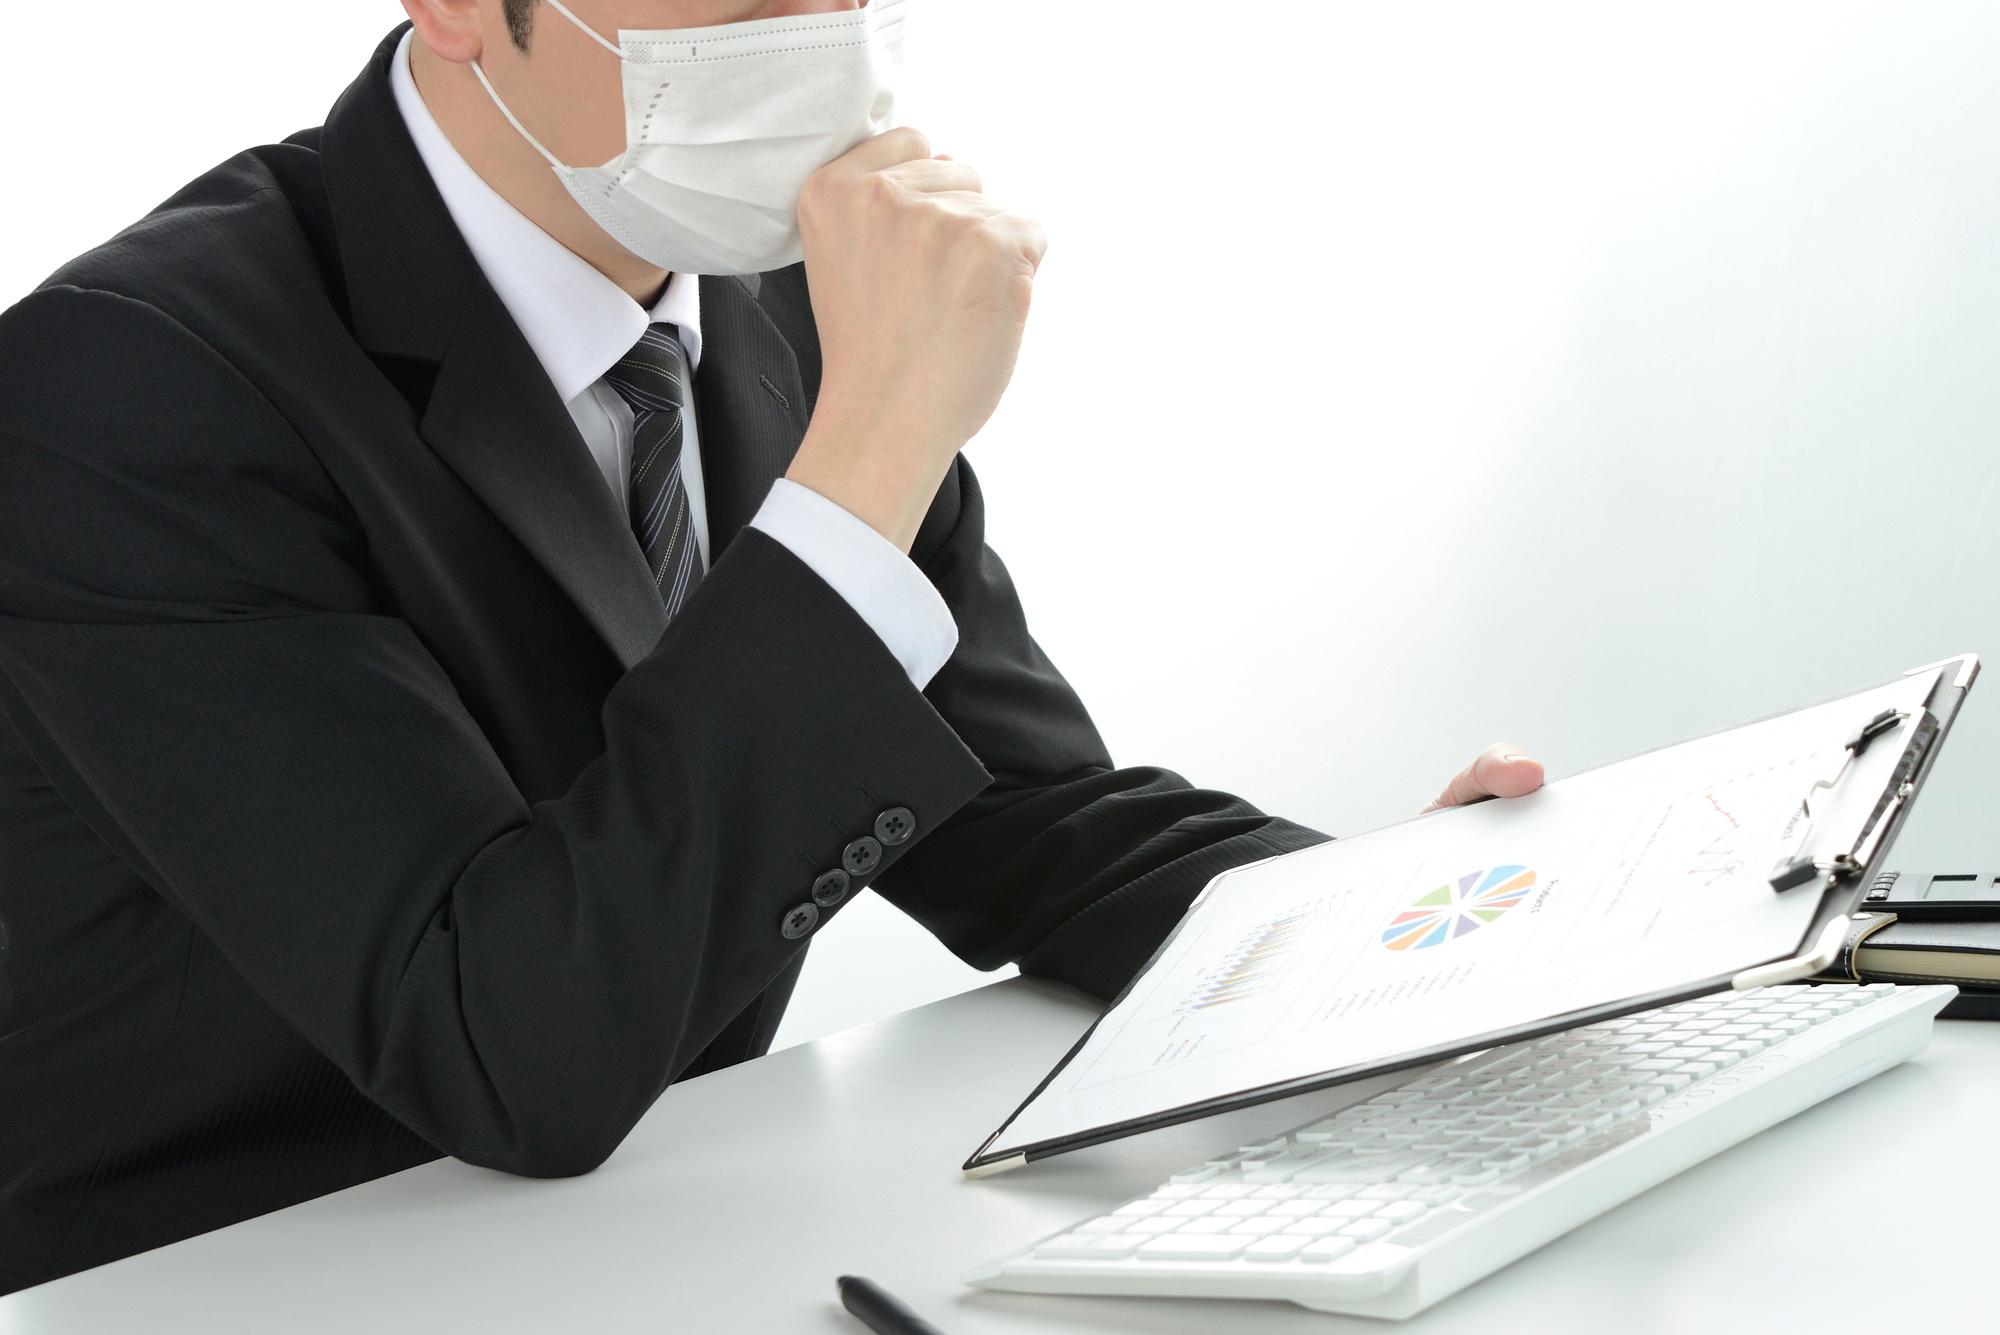 【医師監修】インフルエンザ患者が出勤すると法律違反⁉ 感染症と労働に関する法律について